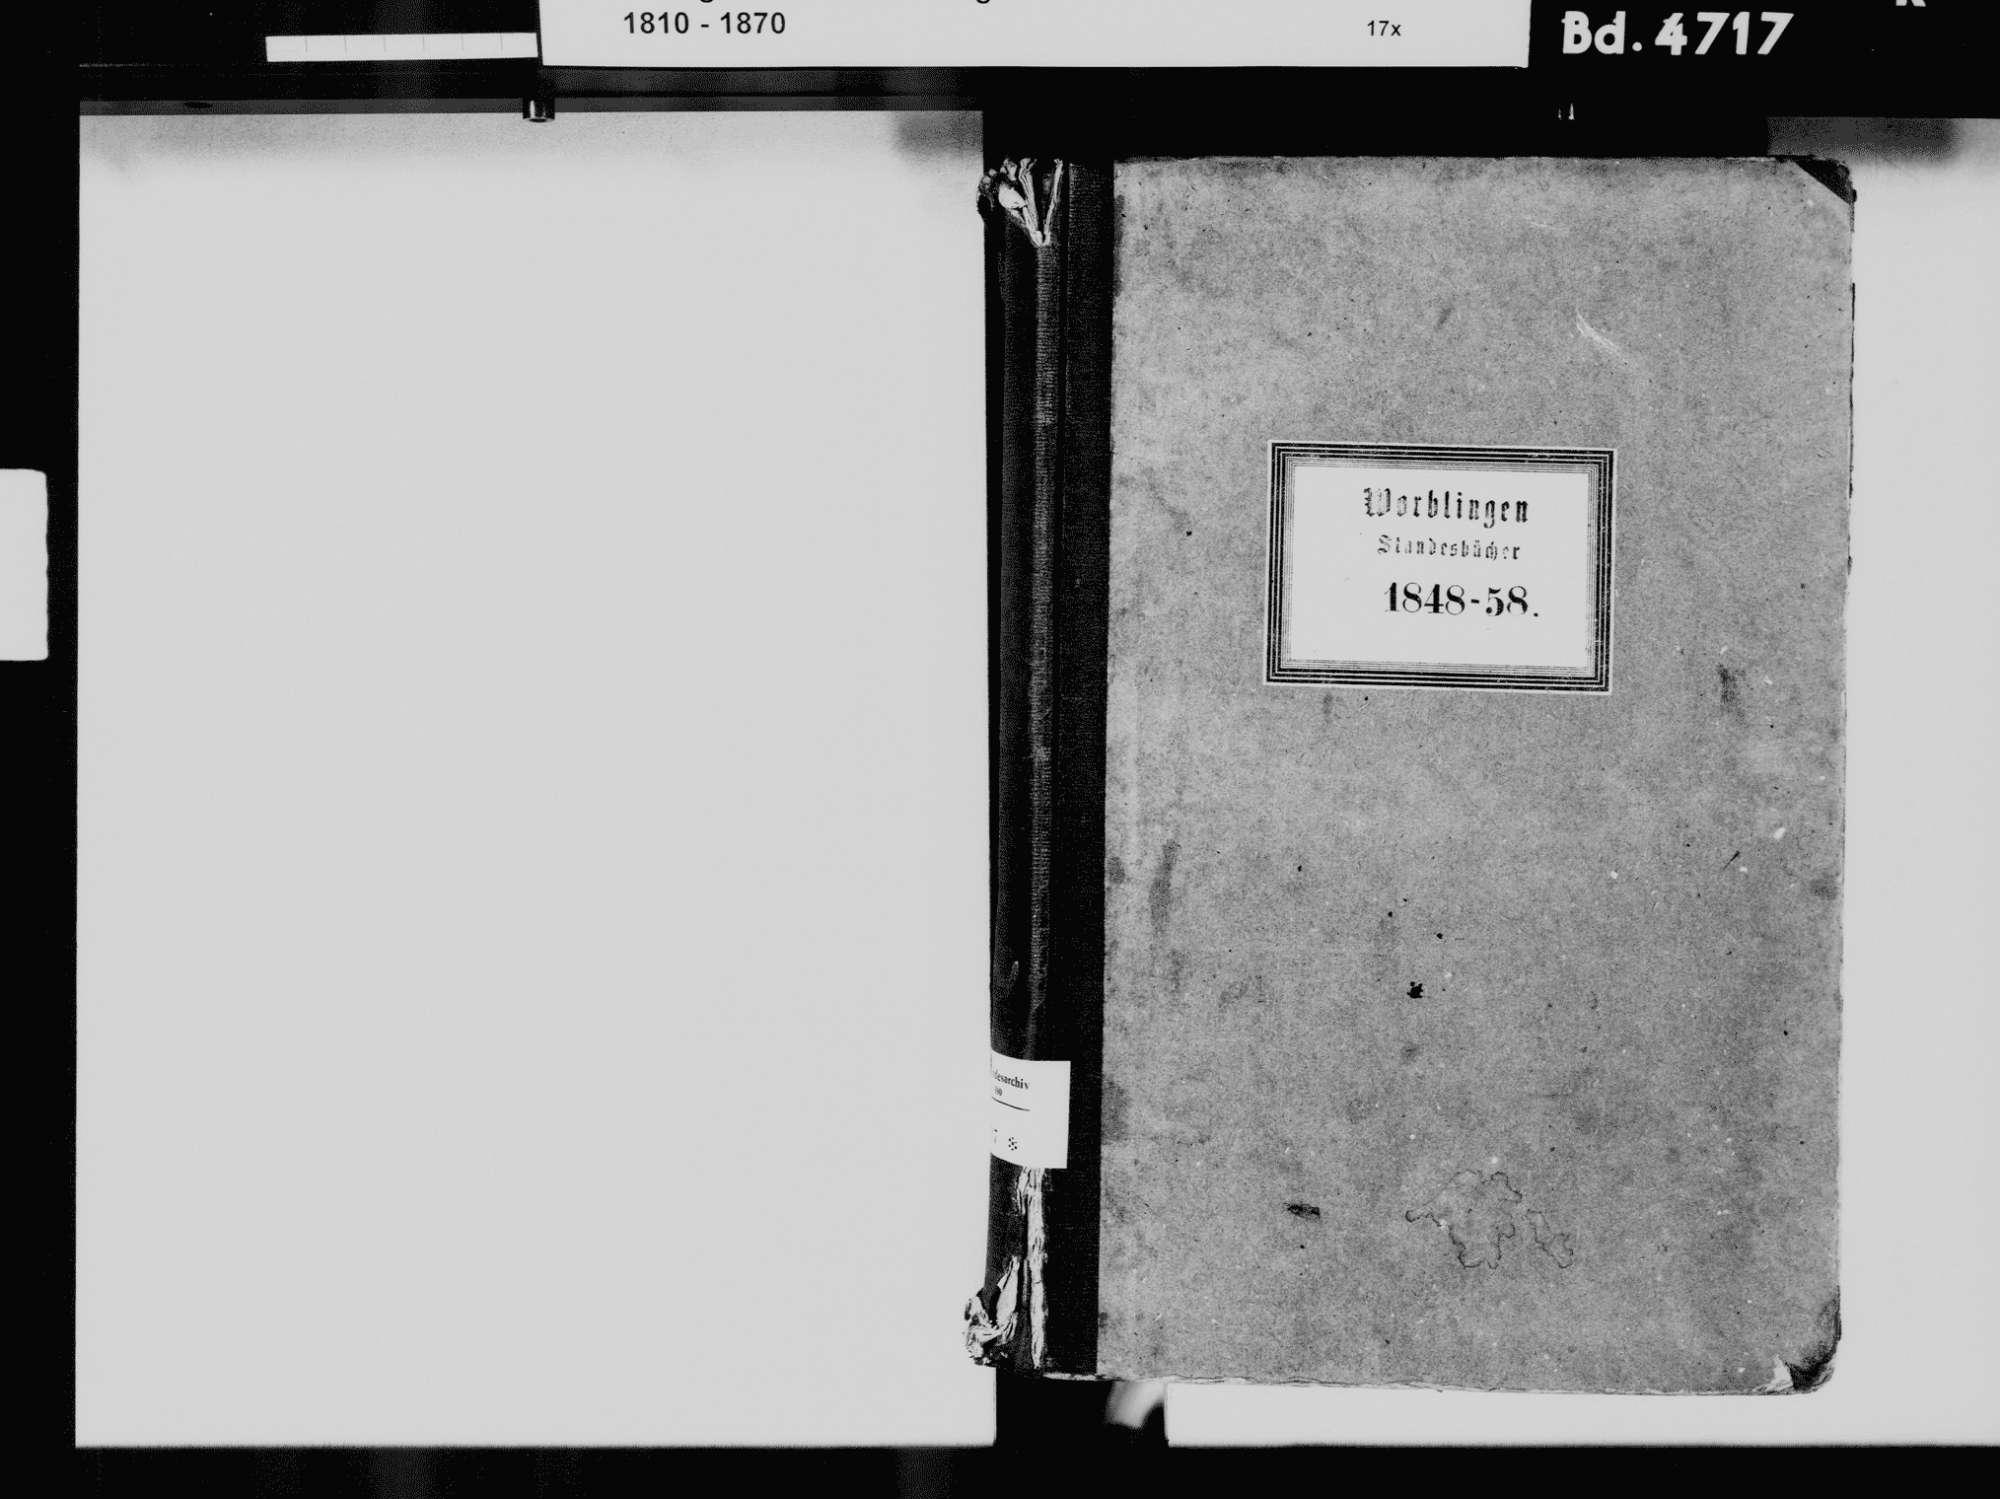 Worblingen, Rielasingen-Worblingen KN; Katholische Gemeinde: Standesbuch 1848-1858 Worblingen, Rielasingen-Worblingen KN; Israelitsche Gemeinde: Standesbuch 1848-1858, Bild 3